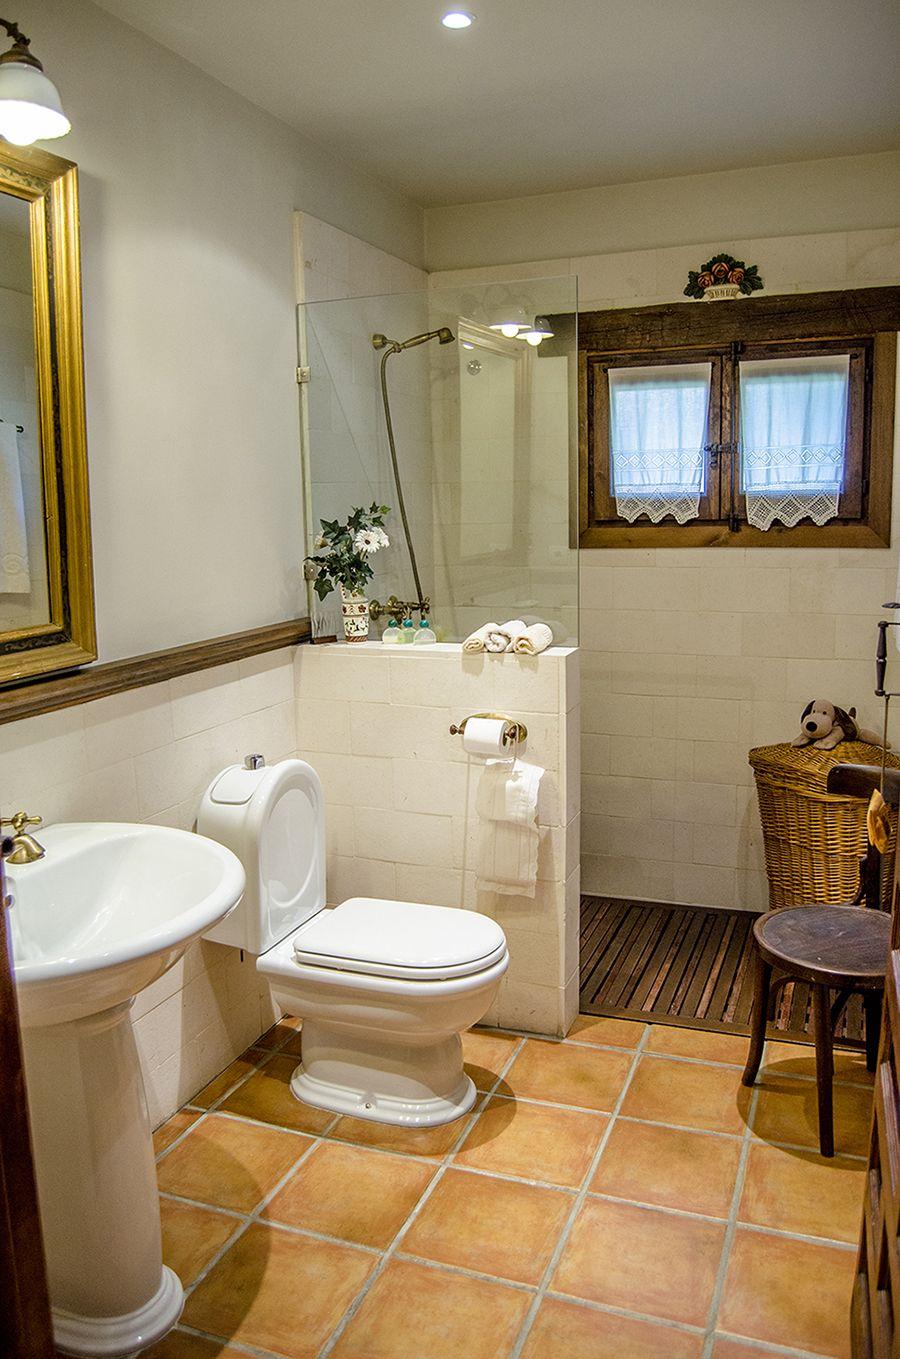 Bonito ba o en chalet completamente r stico bathroom for Ideas e interiores